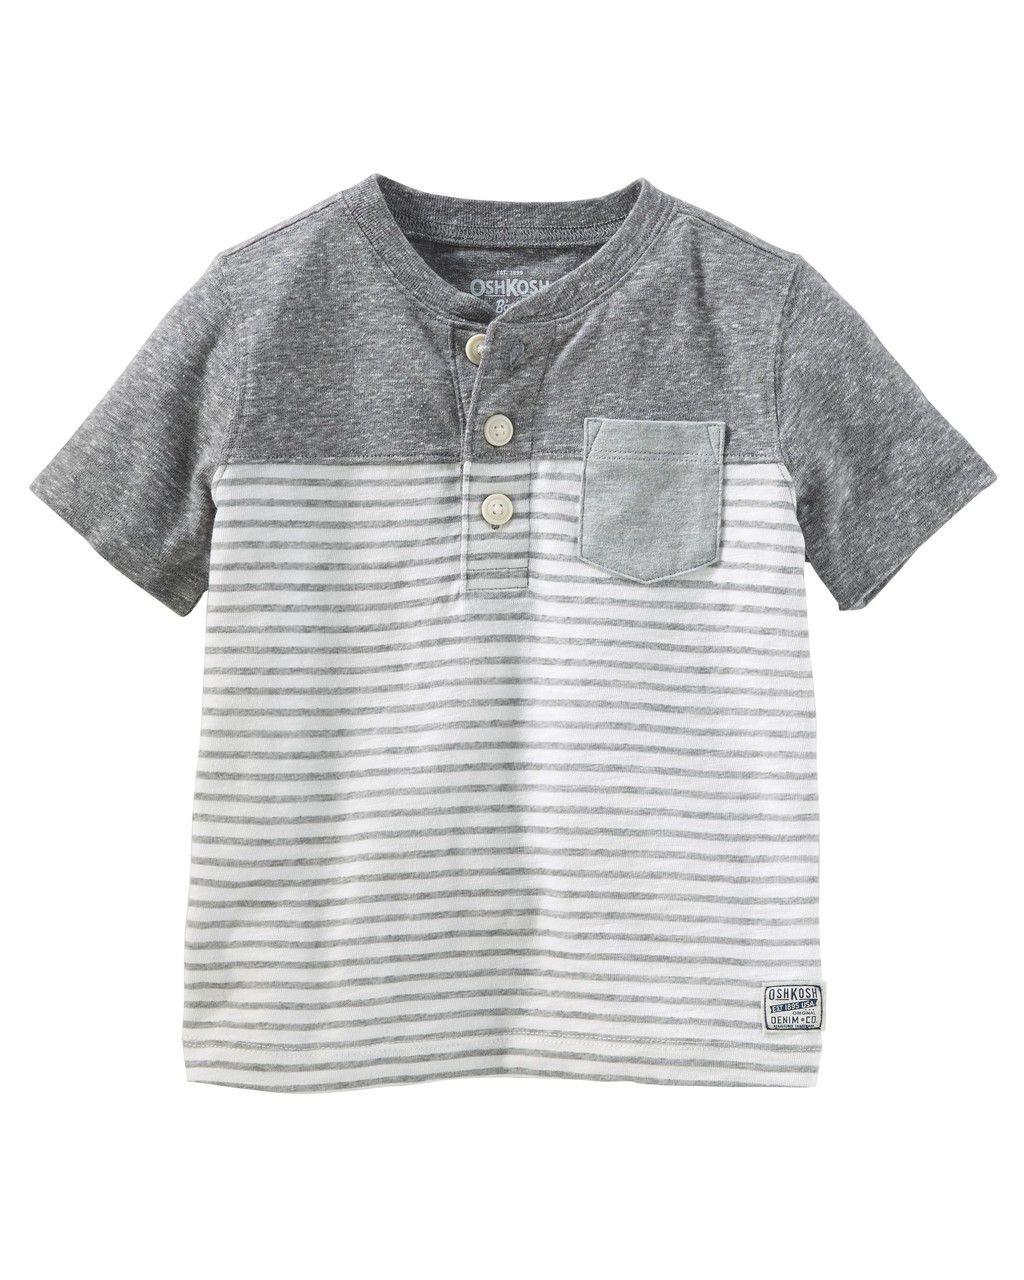 Camiseta Cinza com bolso Oshkosh